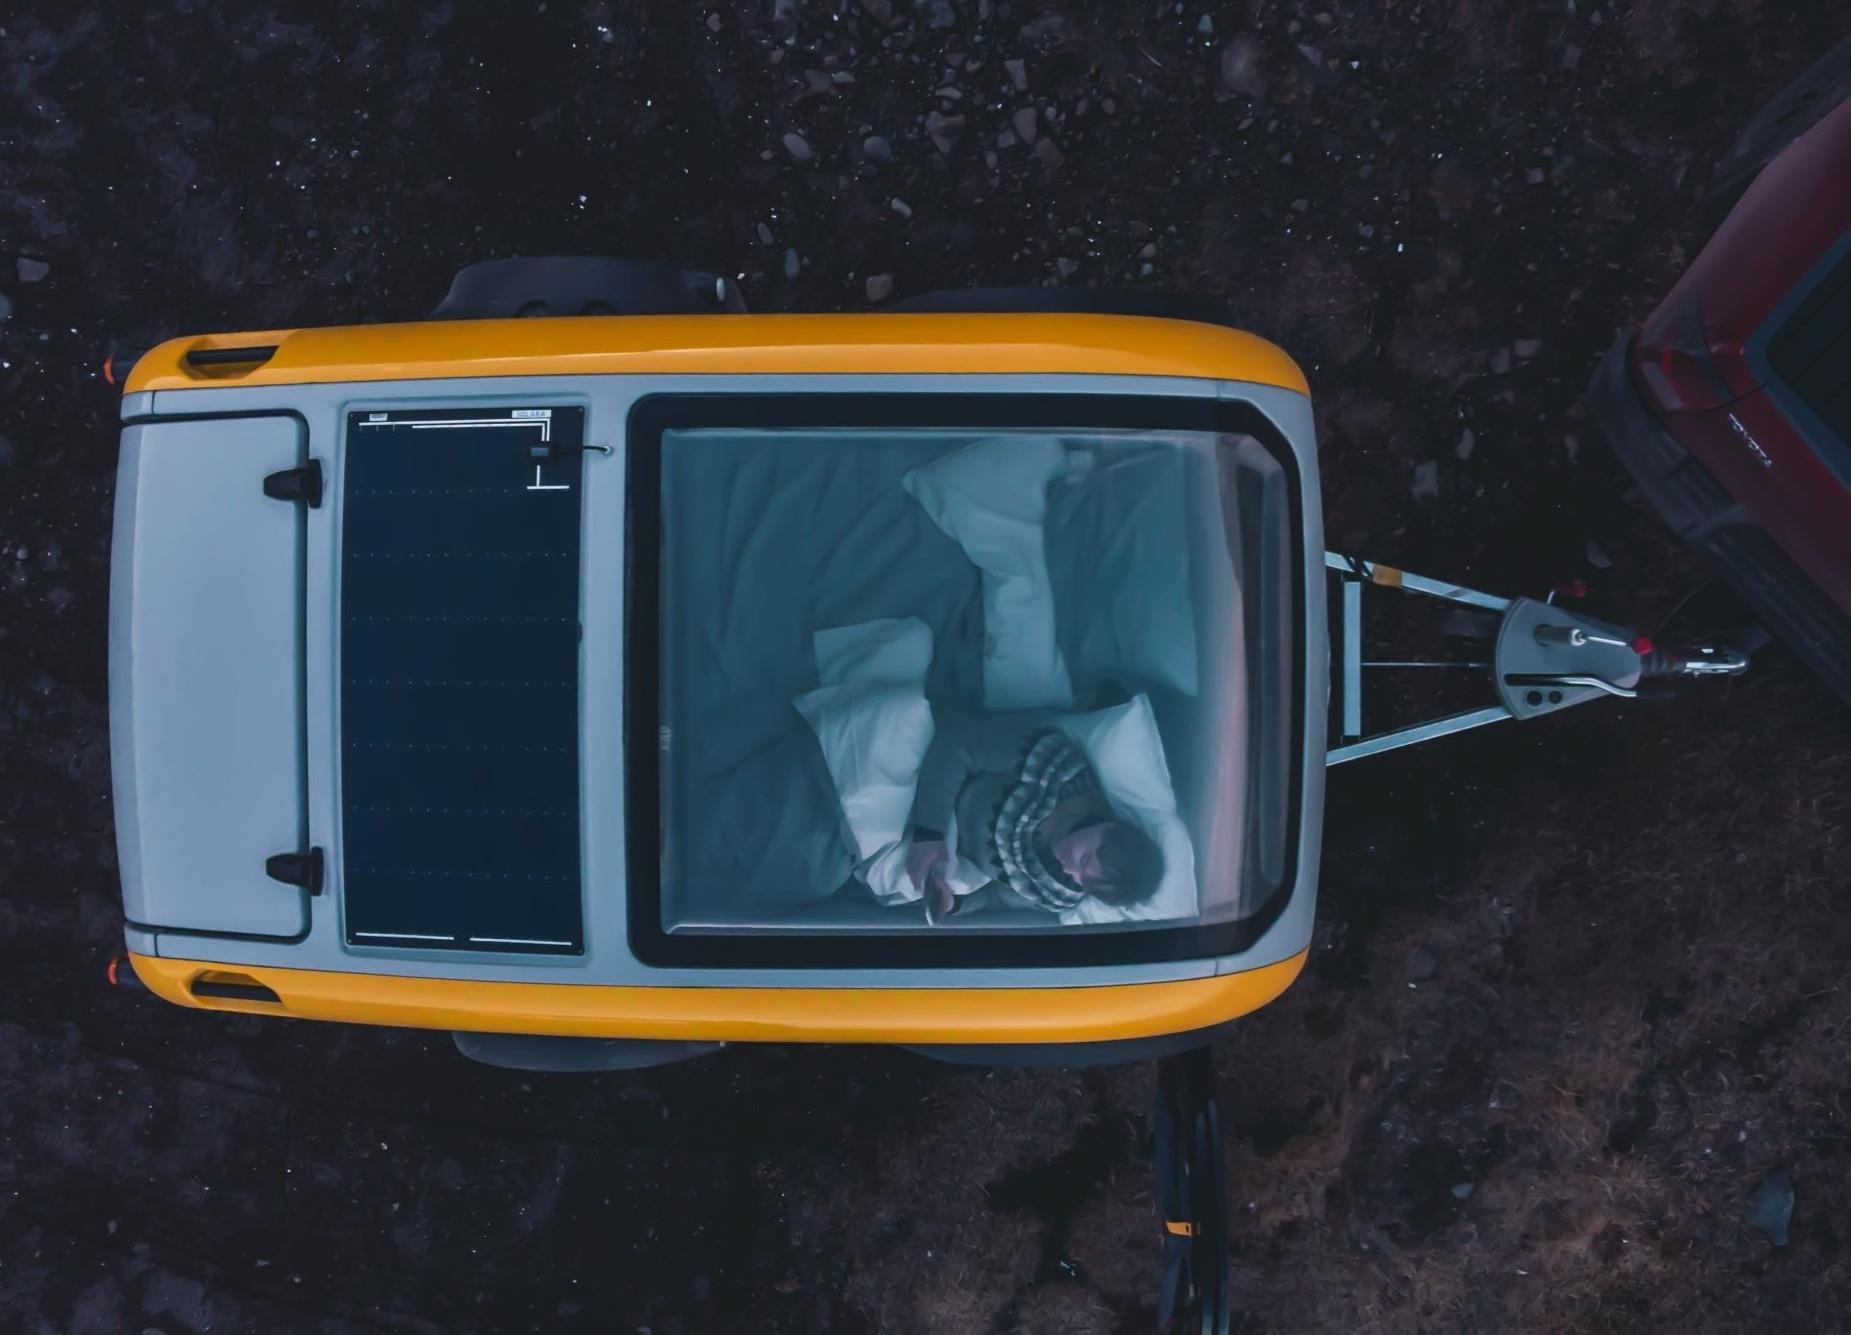 超可愛北歐露營小拖車上市─Mink 2.0 Sports Camper